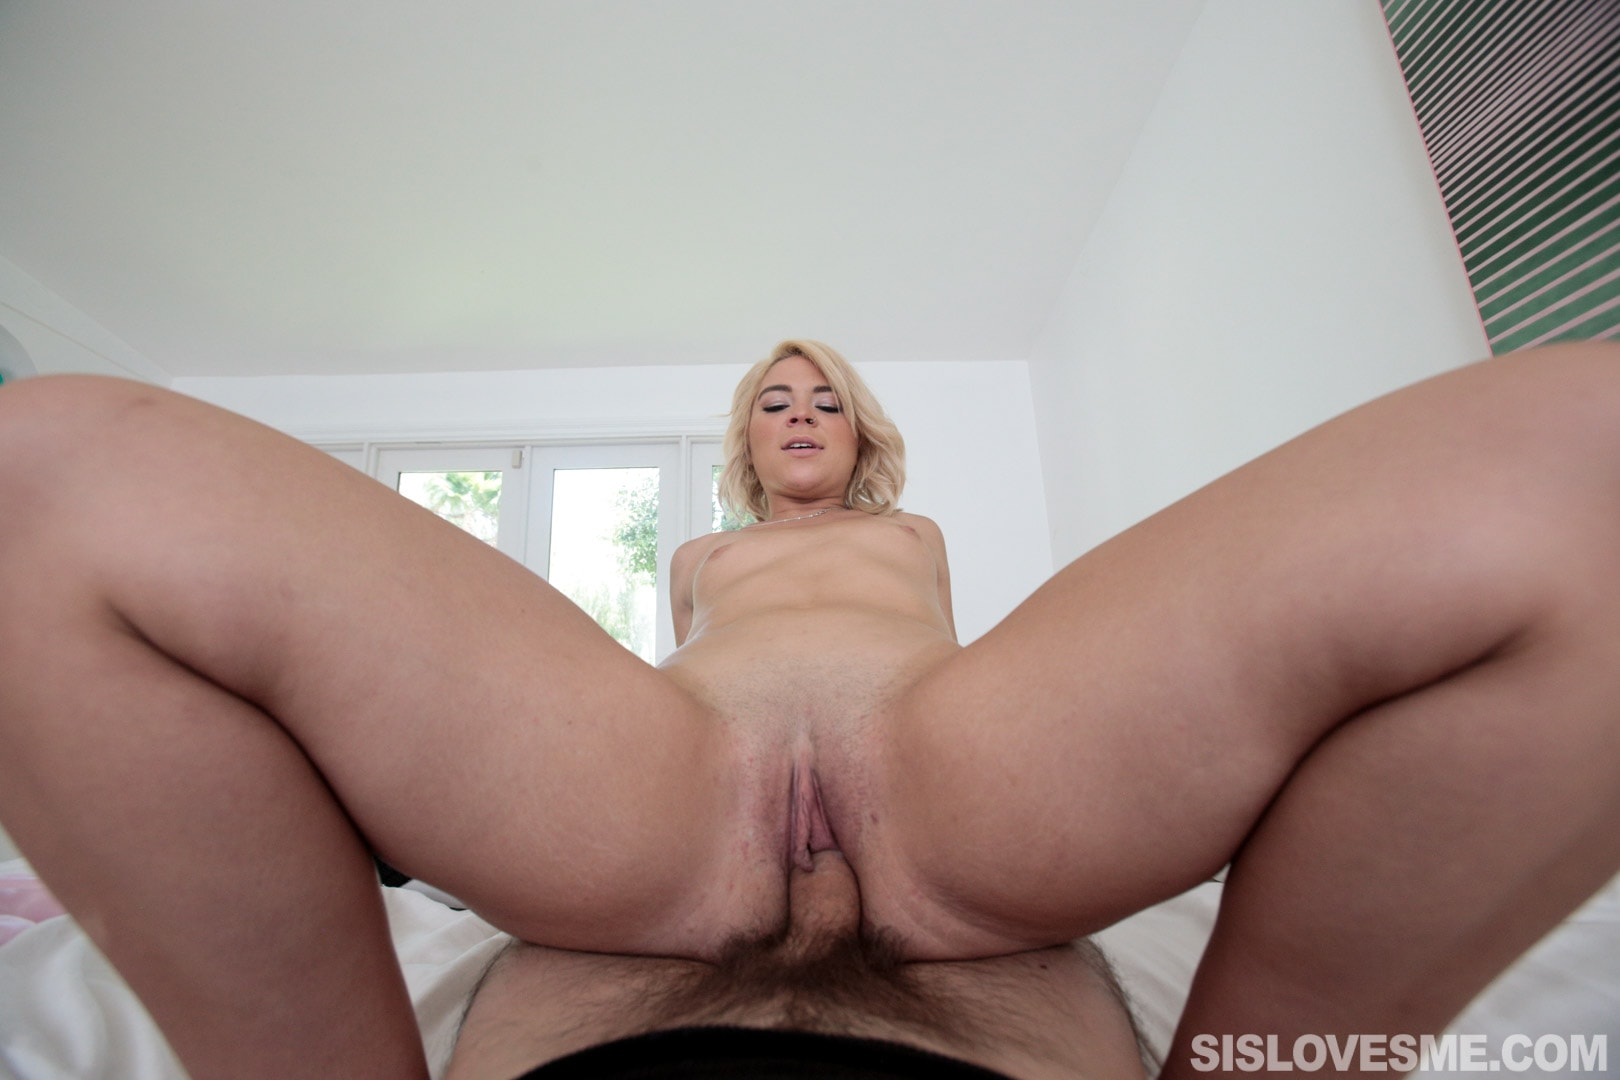 Team Skeet 'Post Twerking Sex Disorder' starring Rharri Rhound (Photo 269)